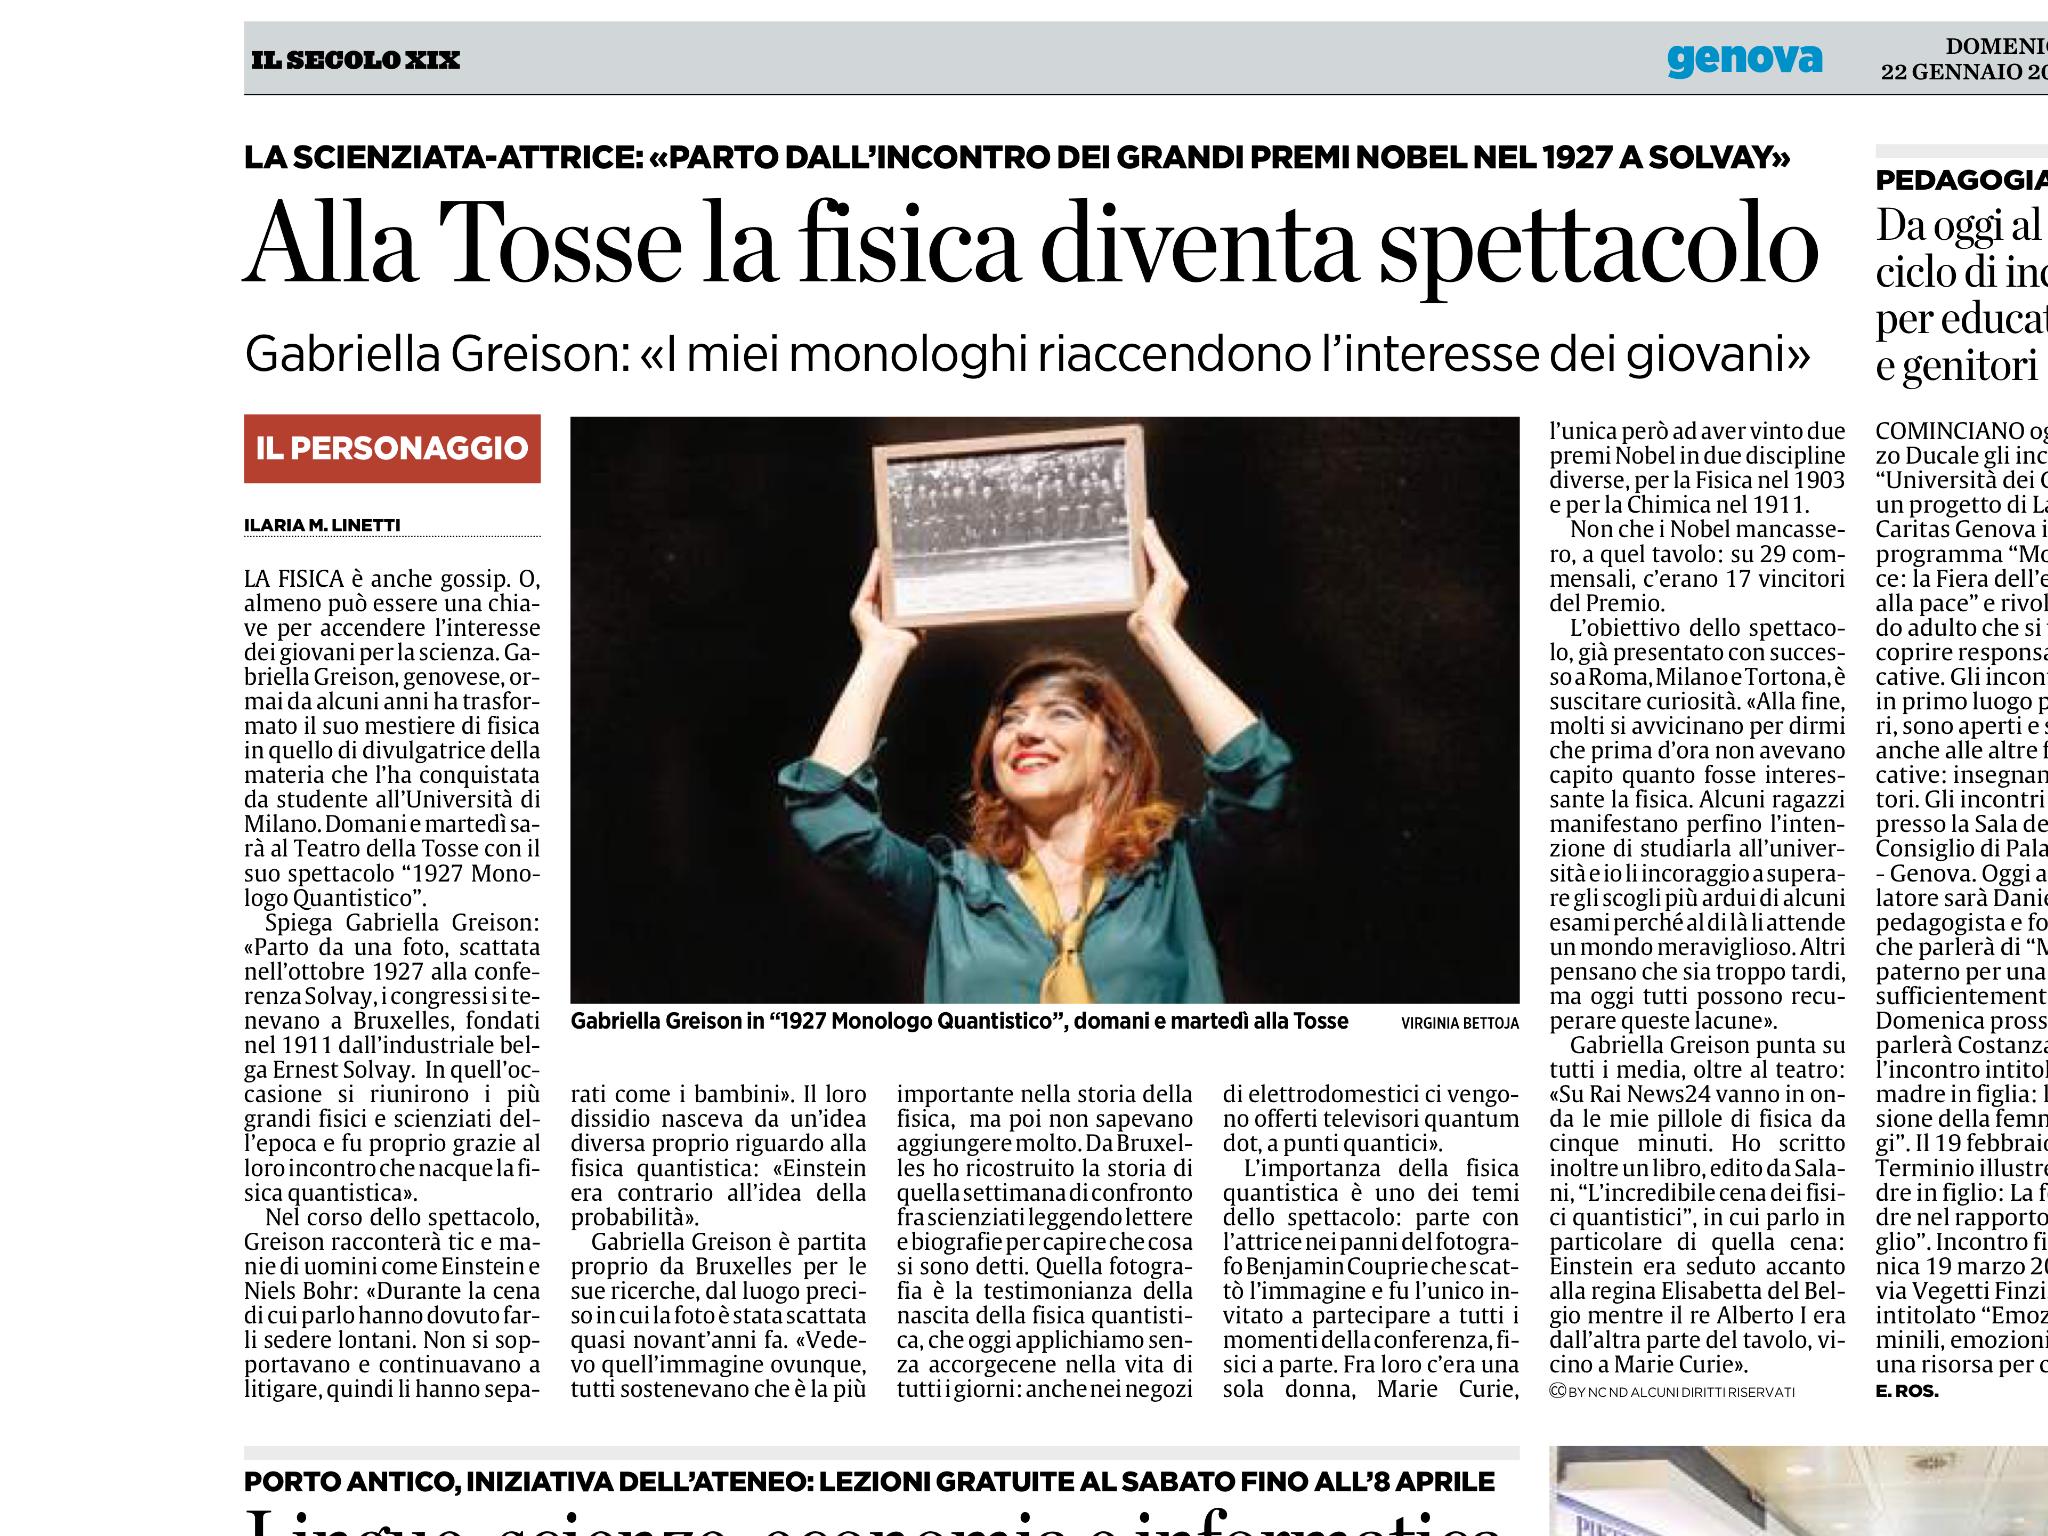 """A Genova, il 23 e 24 gennaio: """"1927 monologo quantistico"""" al Teatro della Tosse! (e oggi sono uscita sul Secolo XIX !!!)"""